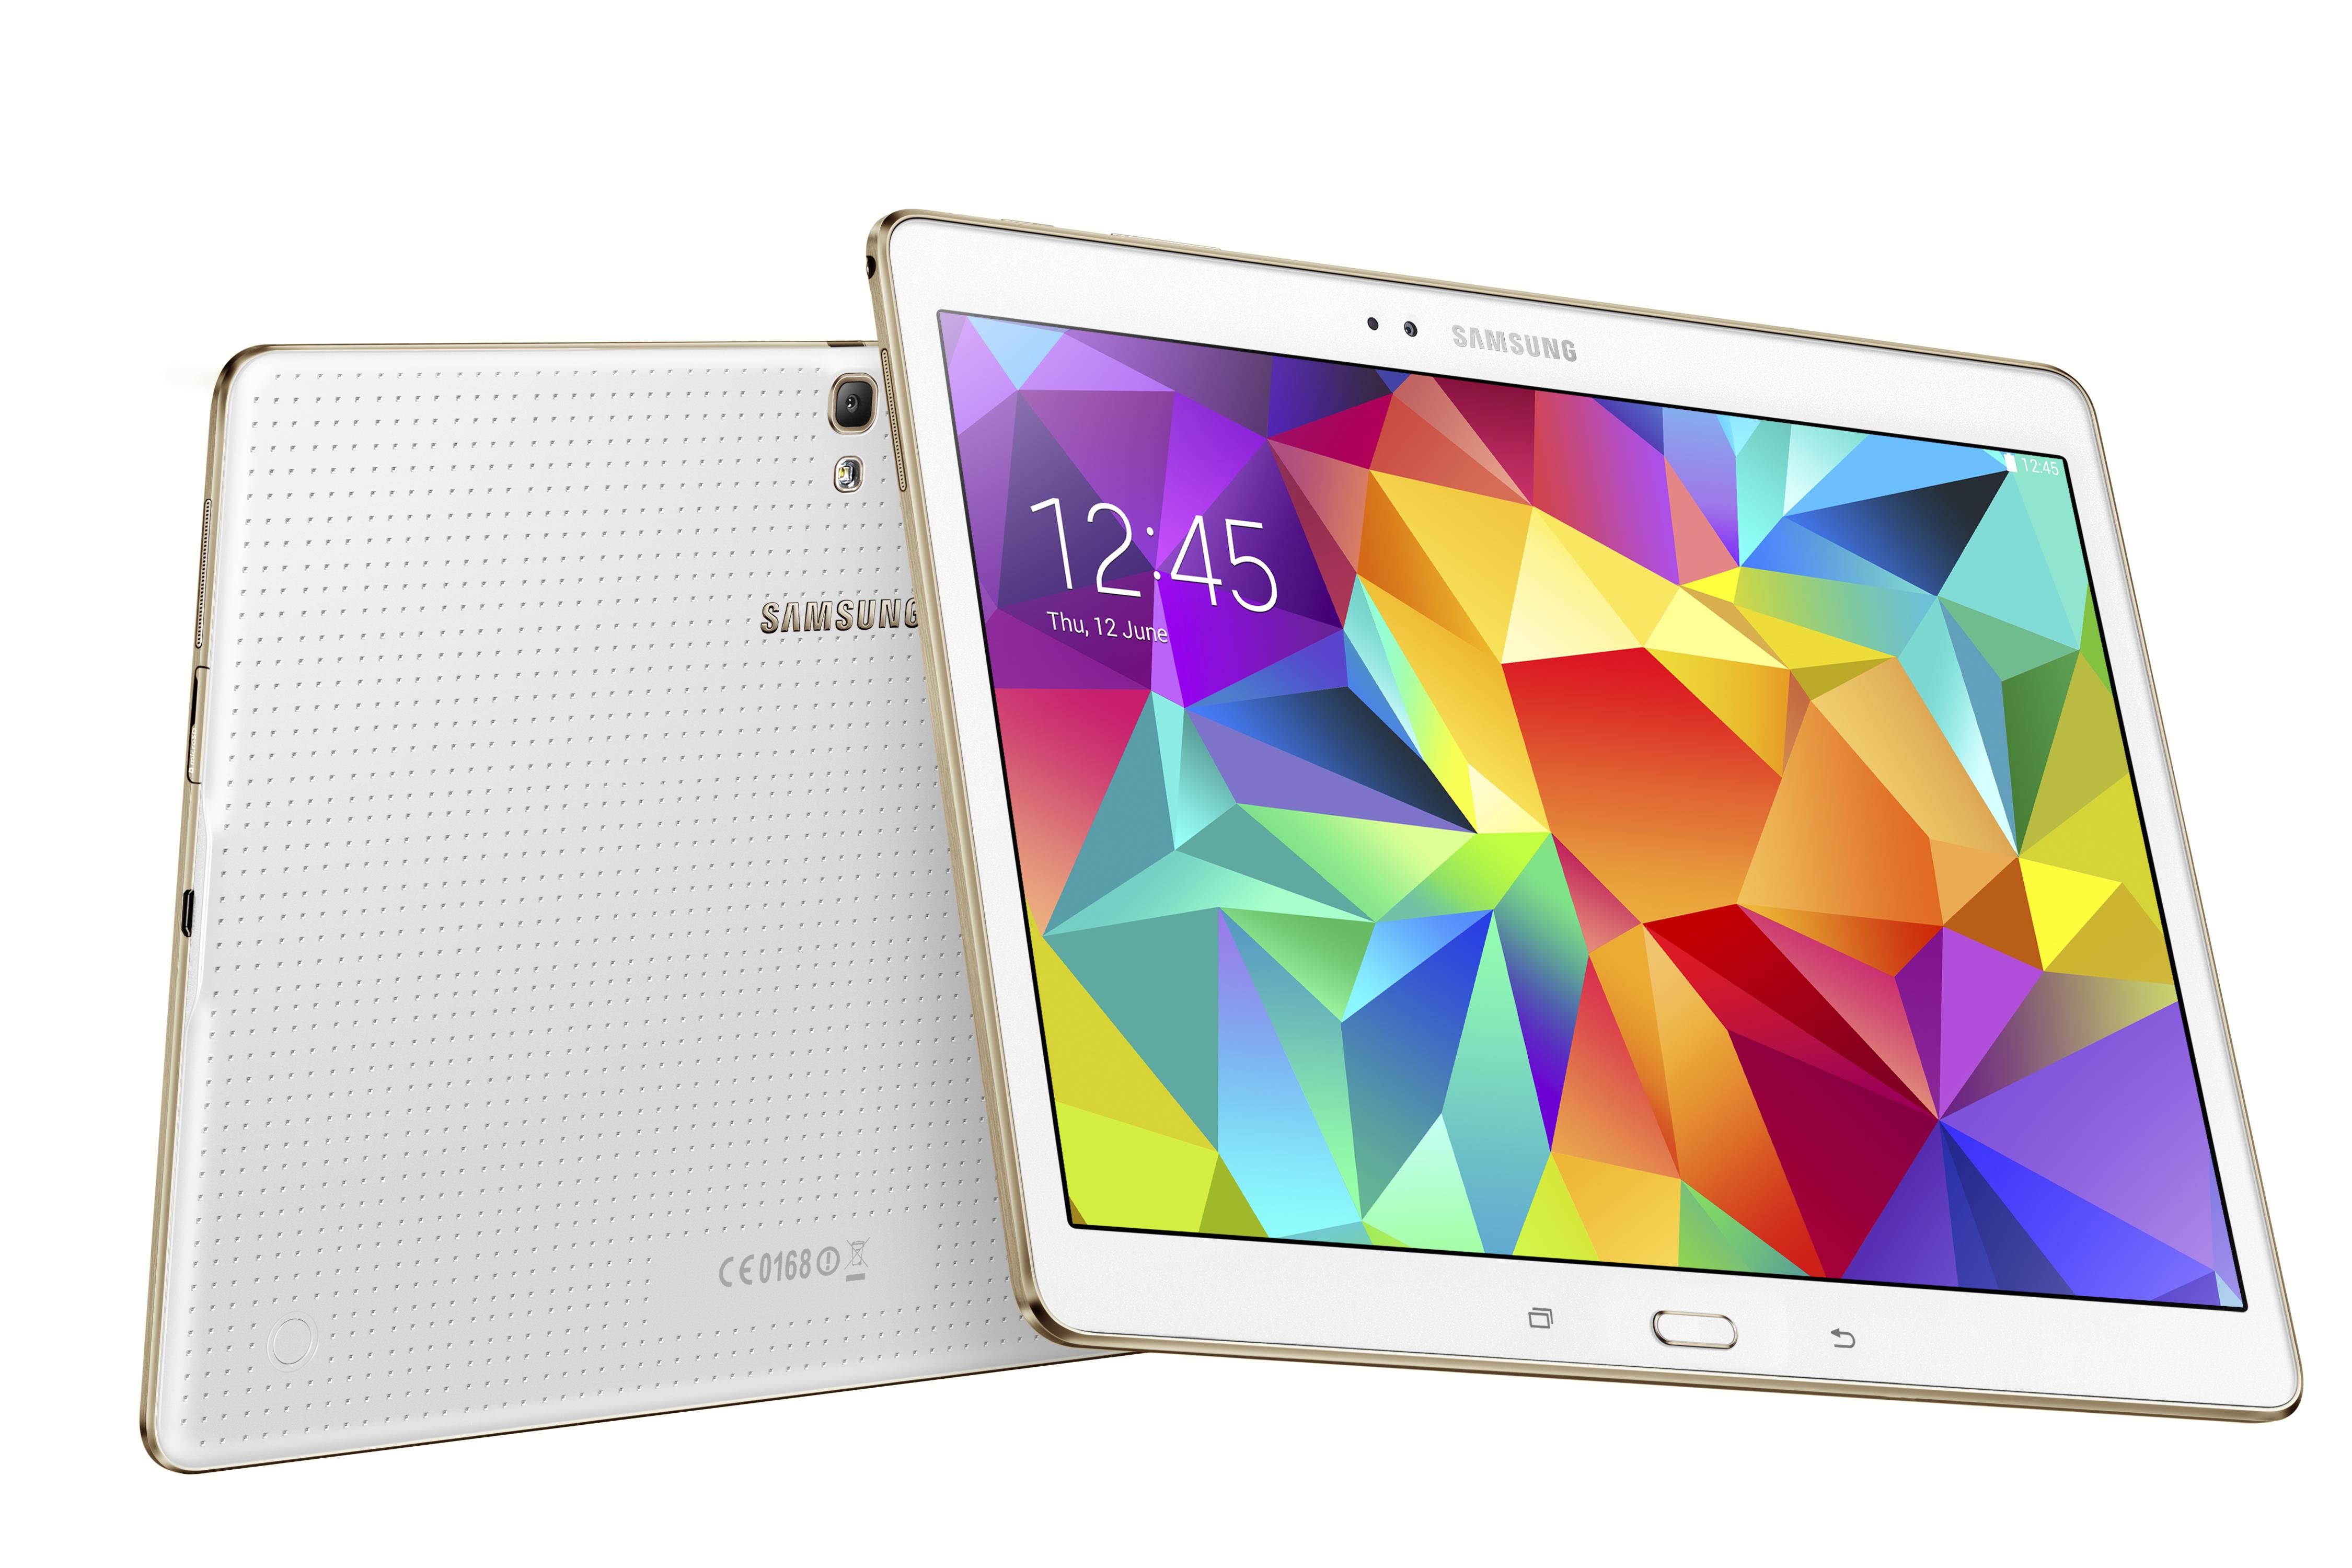 Samsung Galaxy Tab S 8 4 10 5 Bei Amazon Und Saturn Vorbestellbar Ab 1...